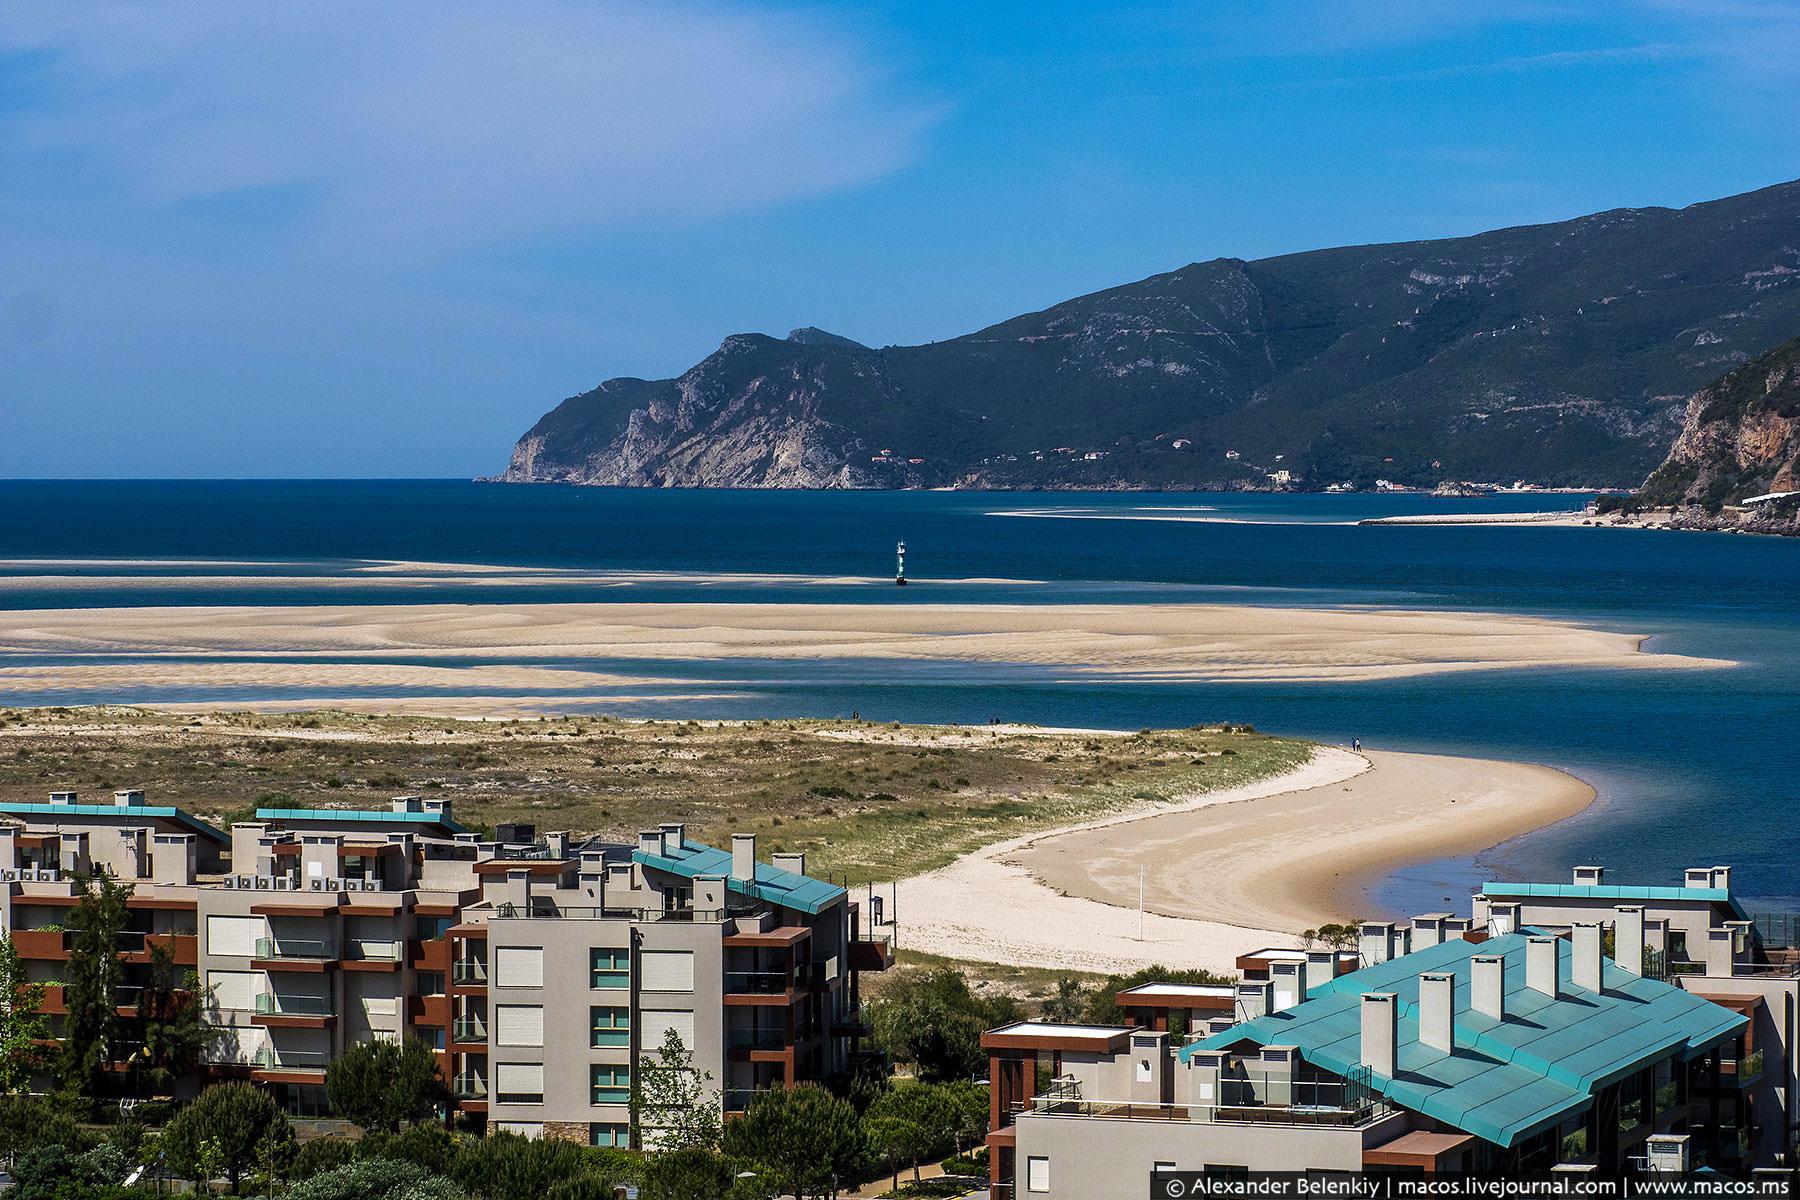 Всего в часе езды от Лиссабона есть большая курортная зона: песчаный язык, вытянутый посреди океана.